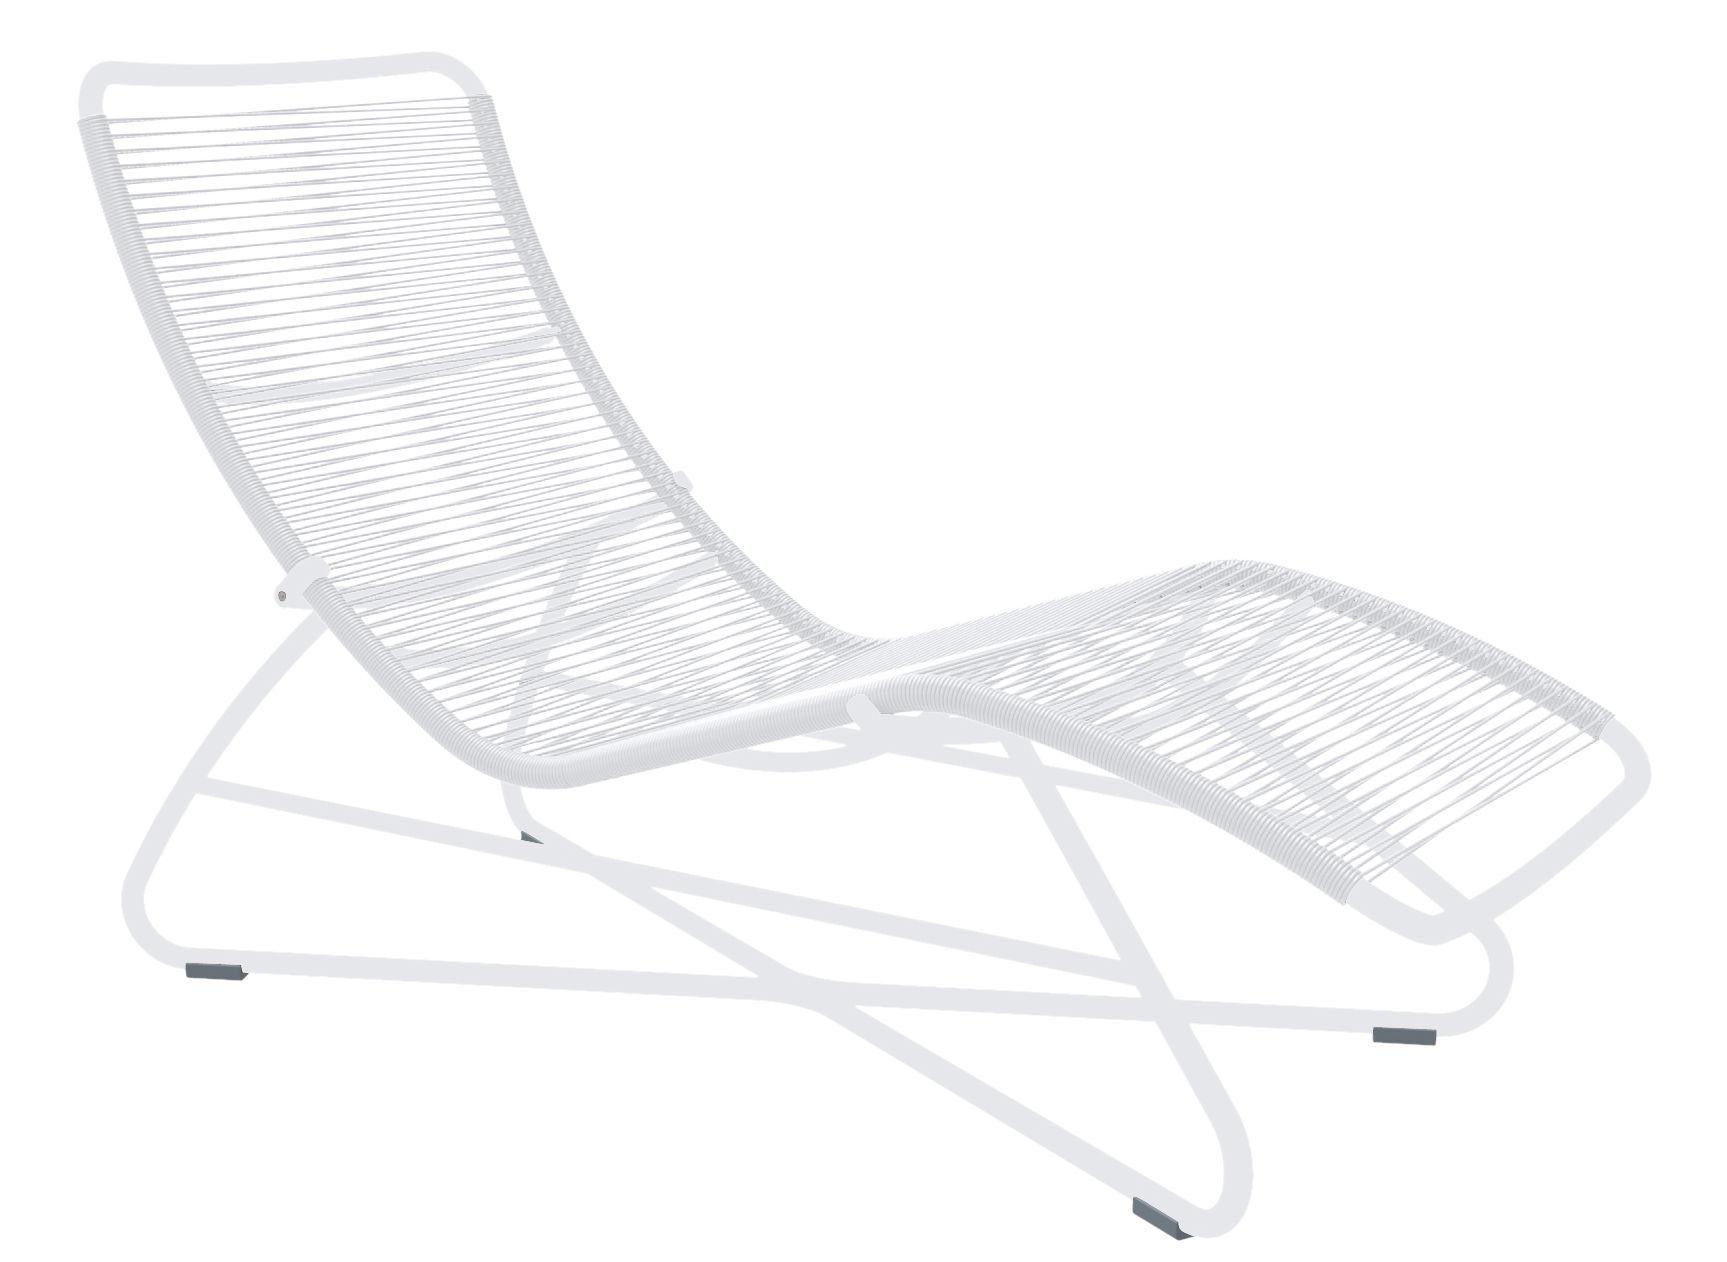 chaise longue saint tropez blanc structure blanche fermob. Black Bedroom Furniture Sets. Home Design Ideas